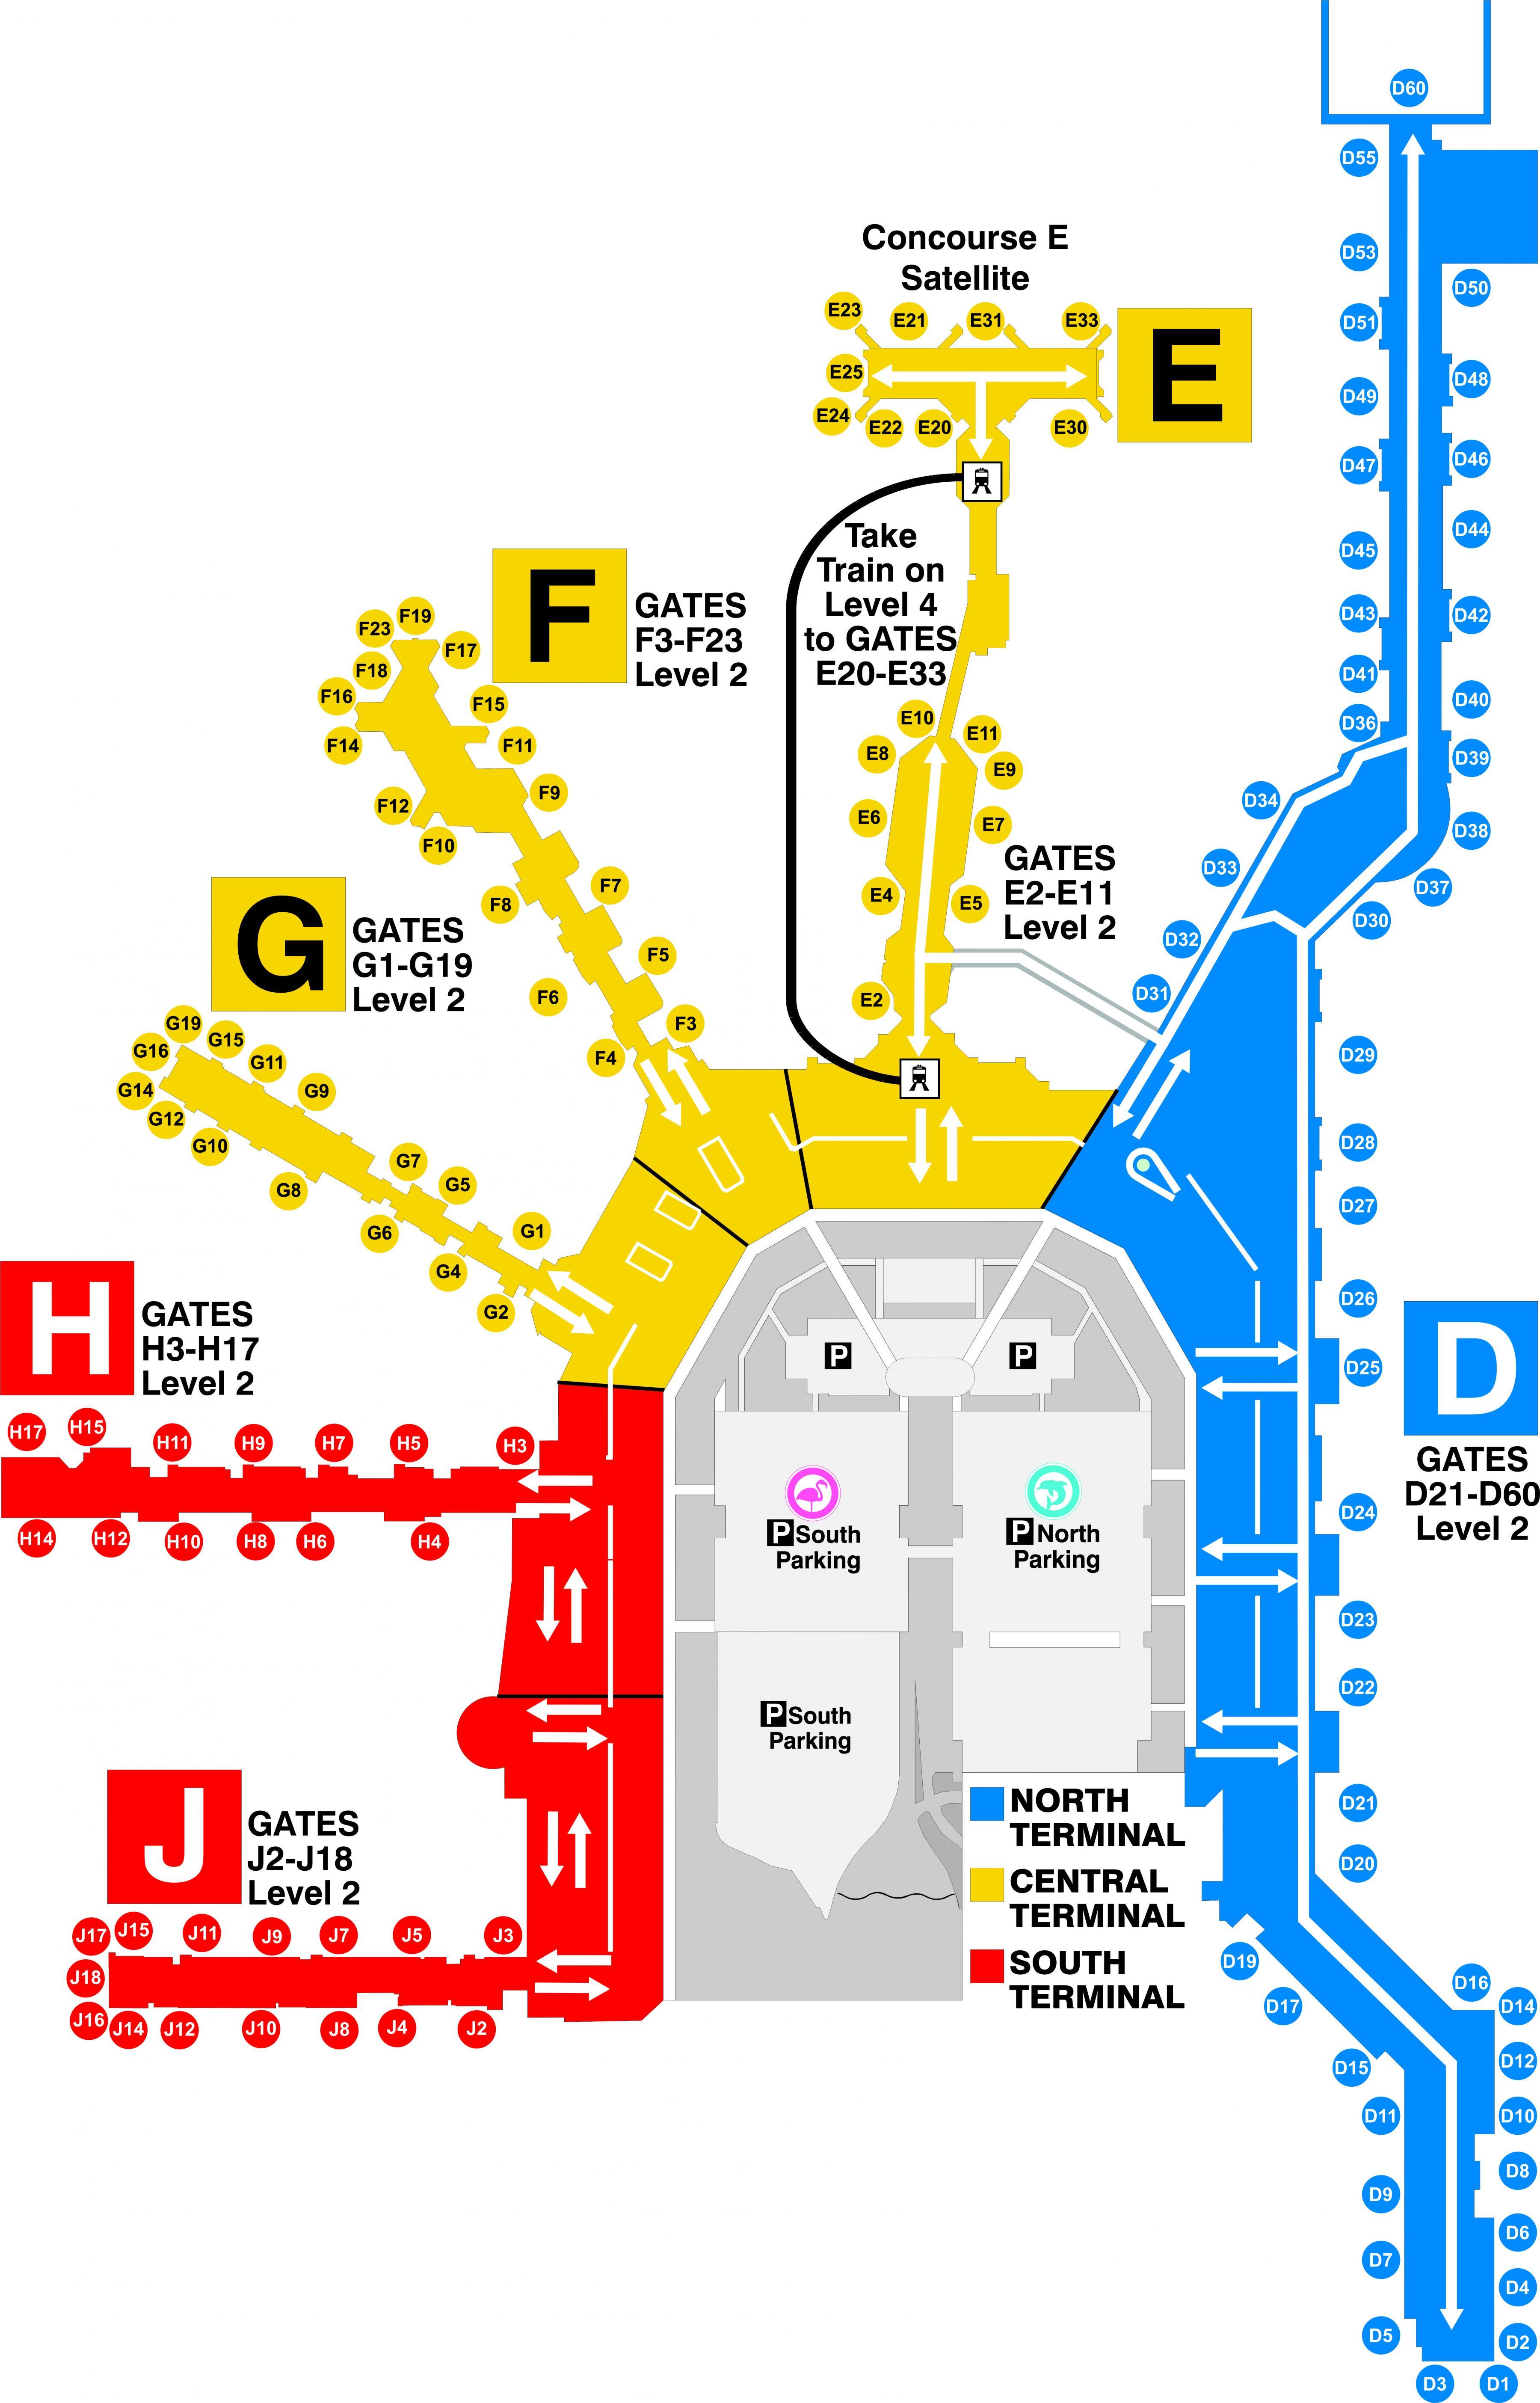 miami terminal map - miami airport terminal map (florida